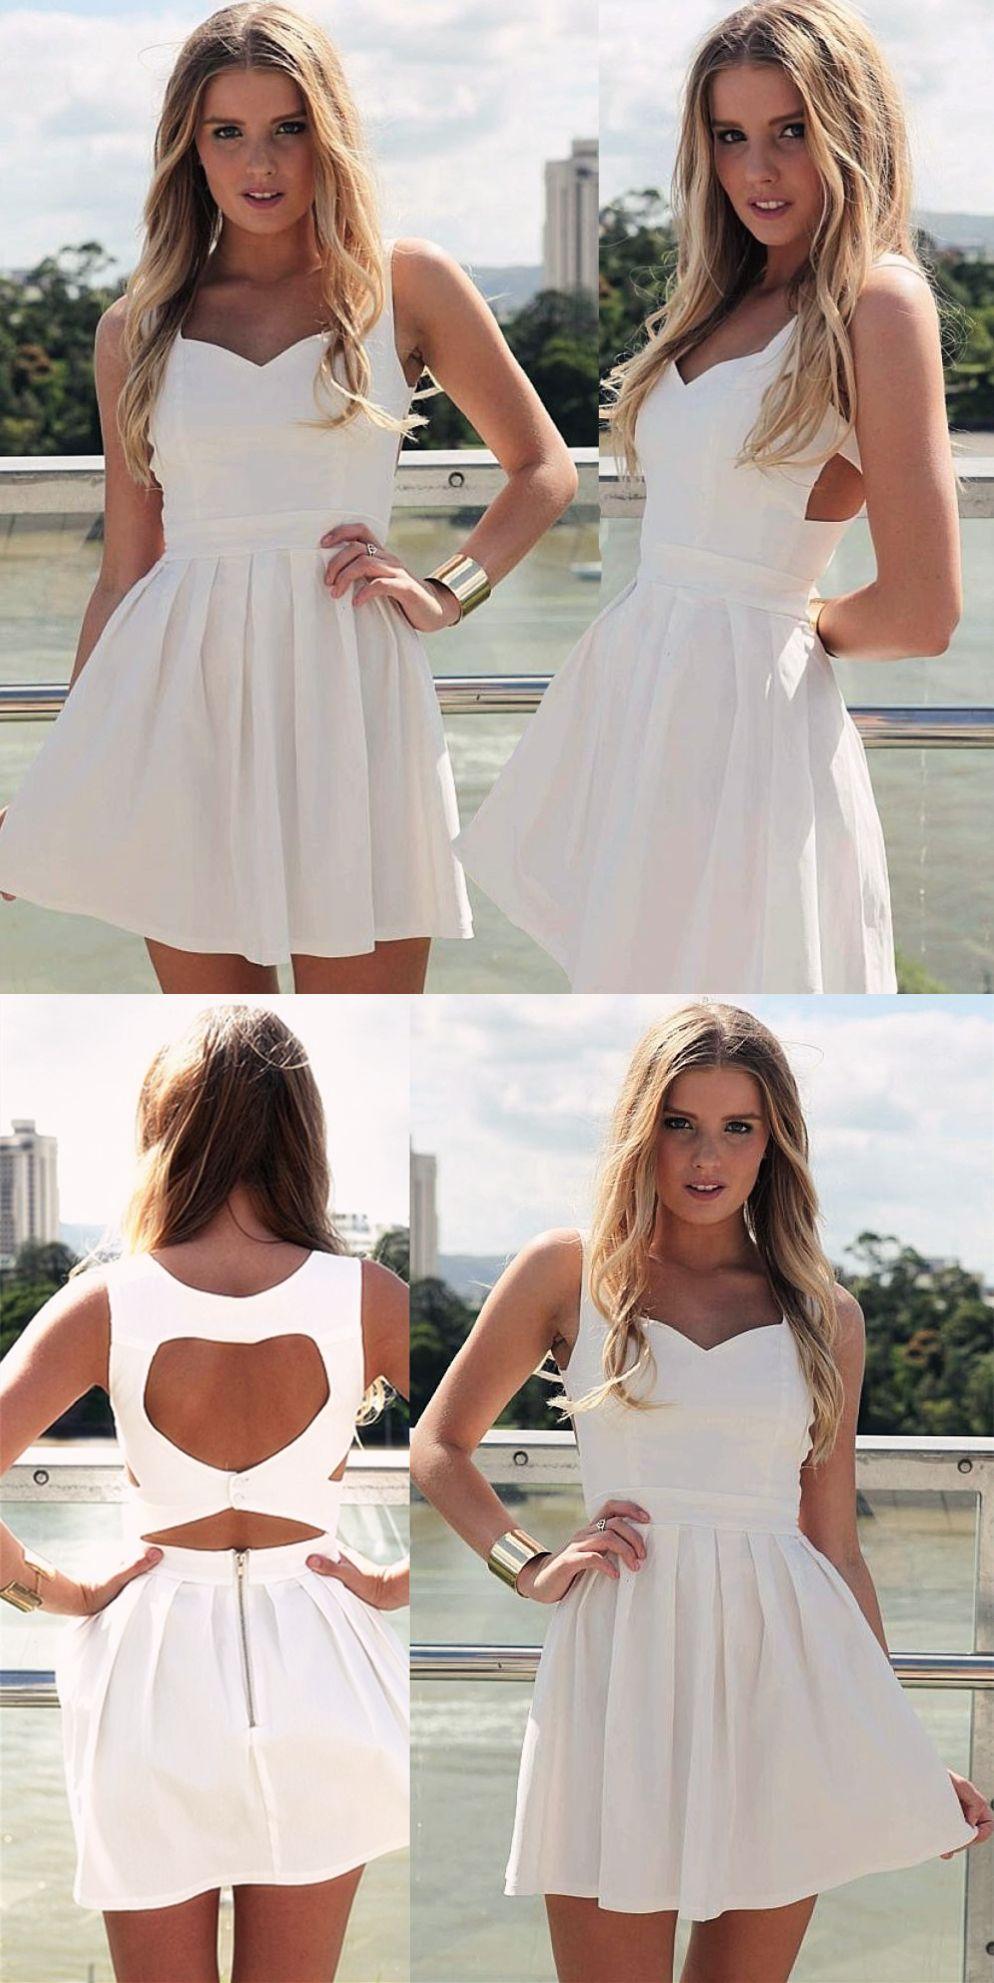 ALine Scoop Sleeveless Short White Satin Dress